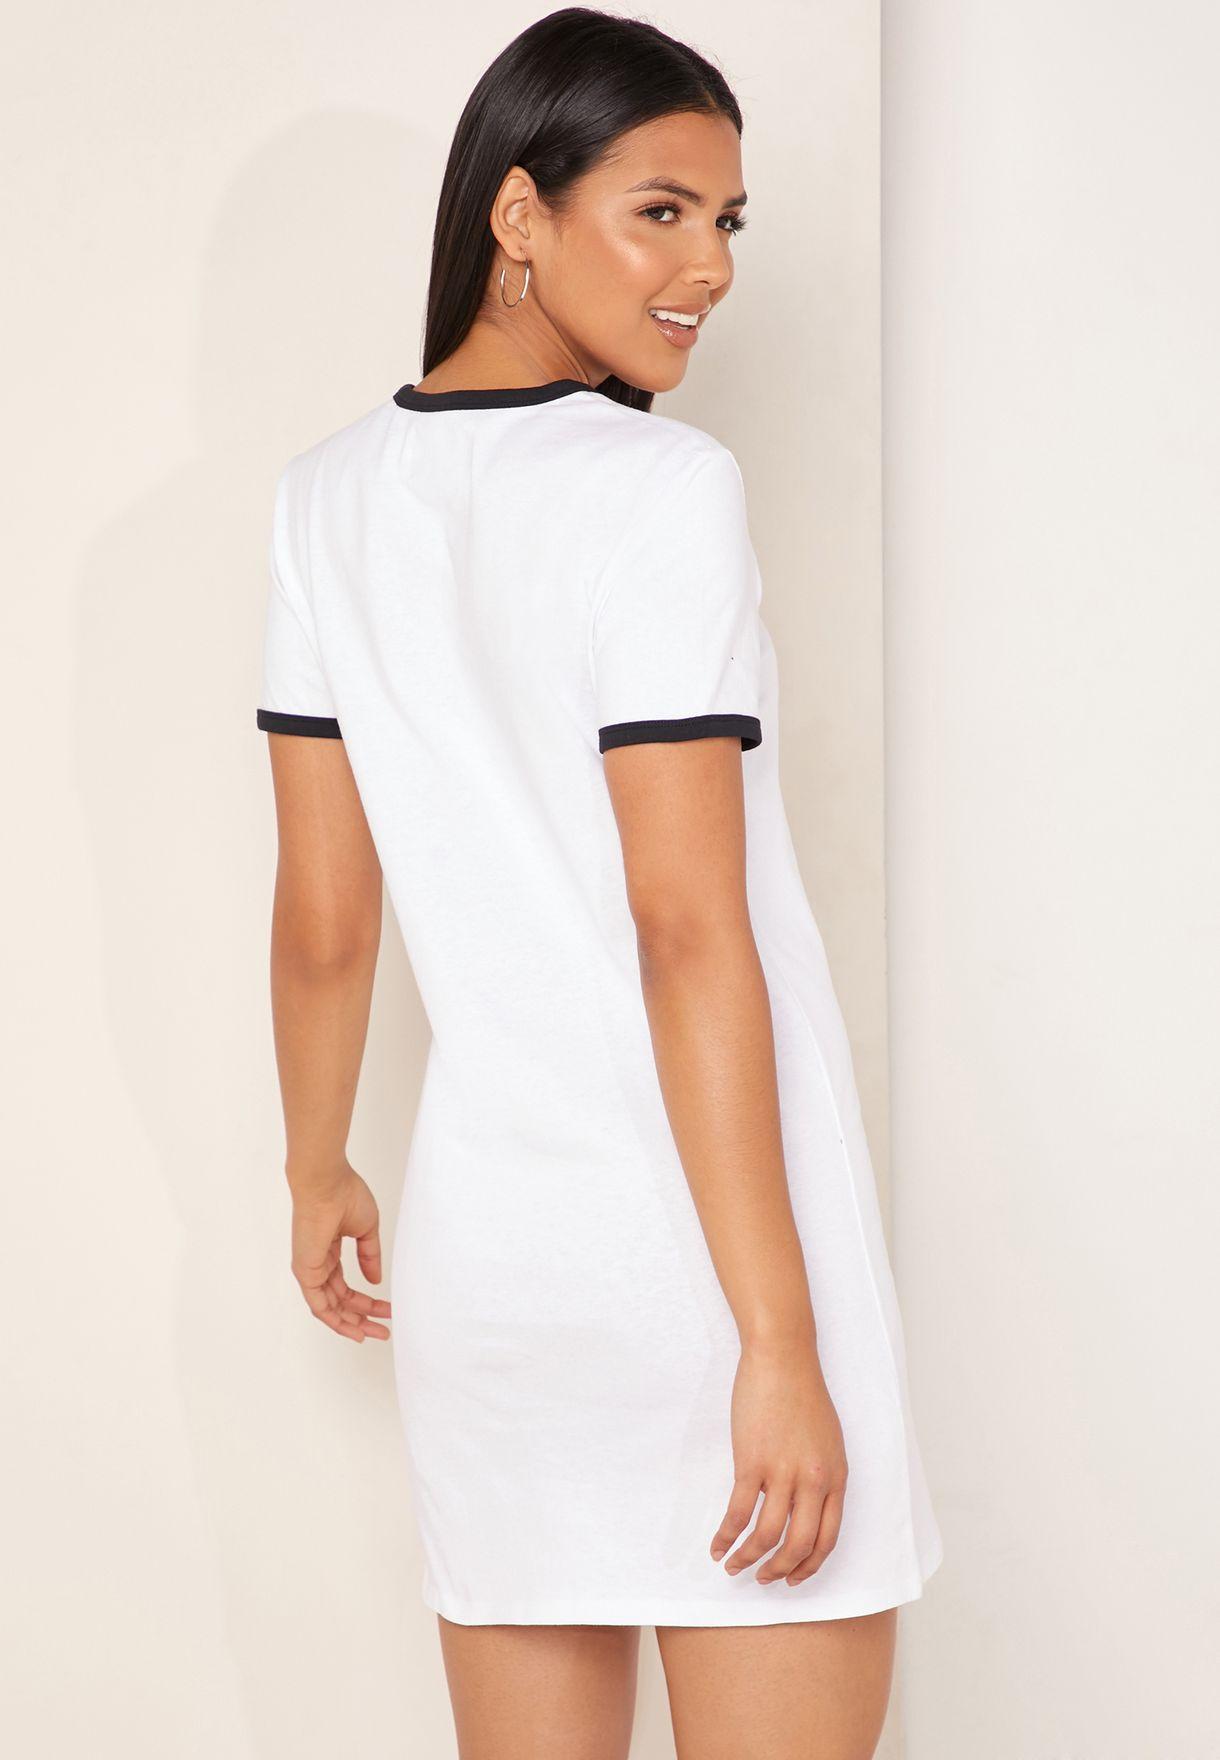 Monogram Contrast Trim Logo T-Shirt Dress